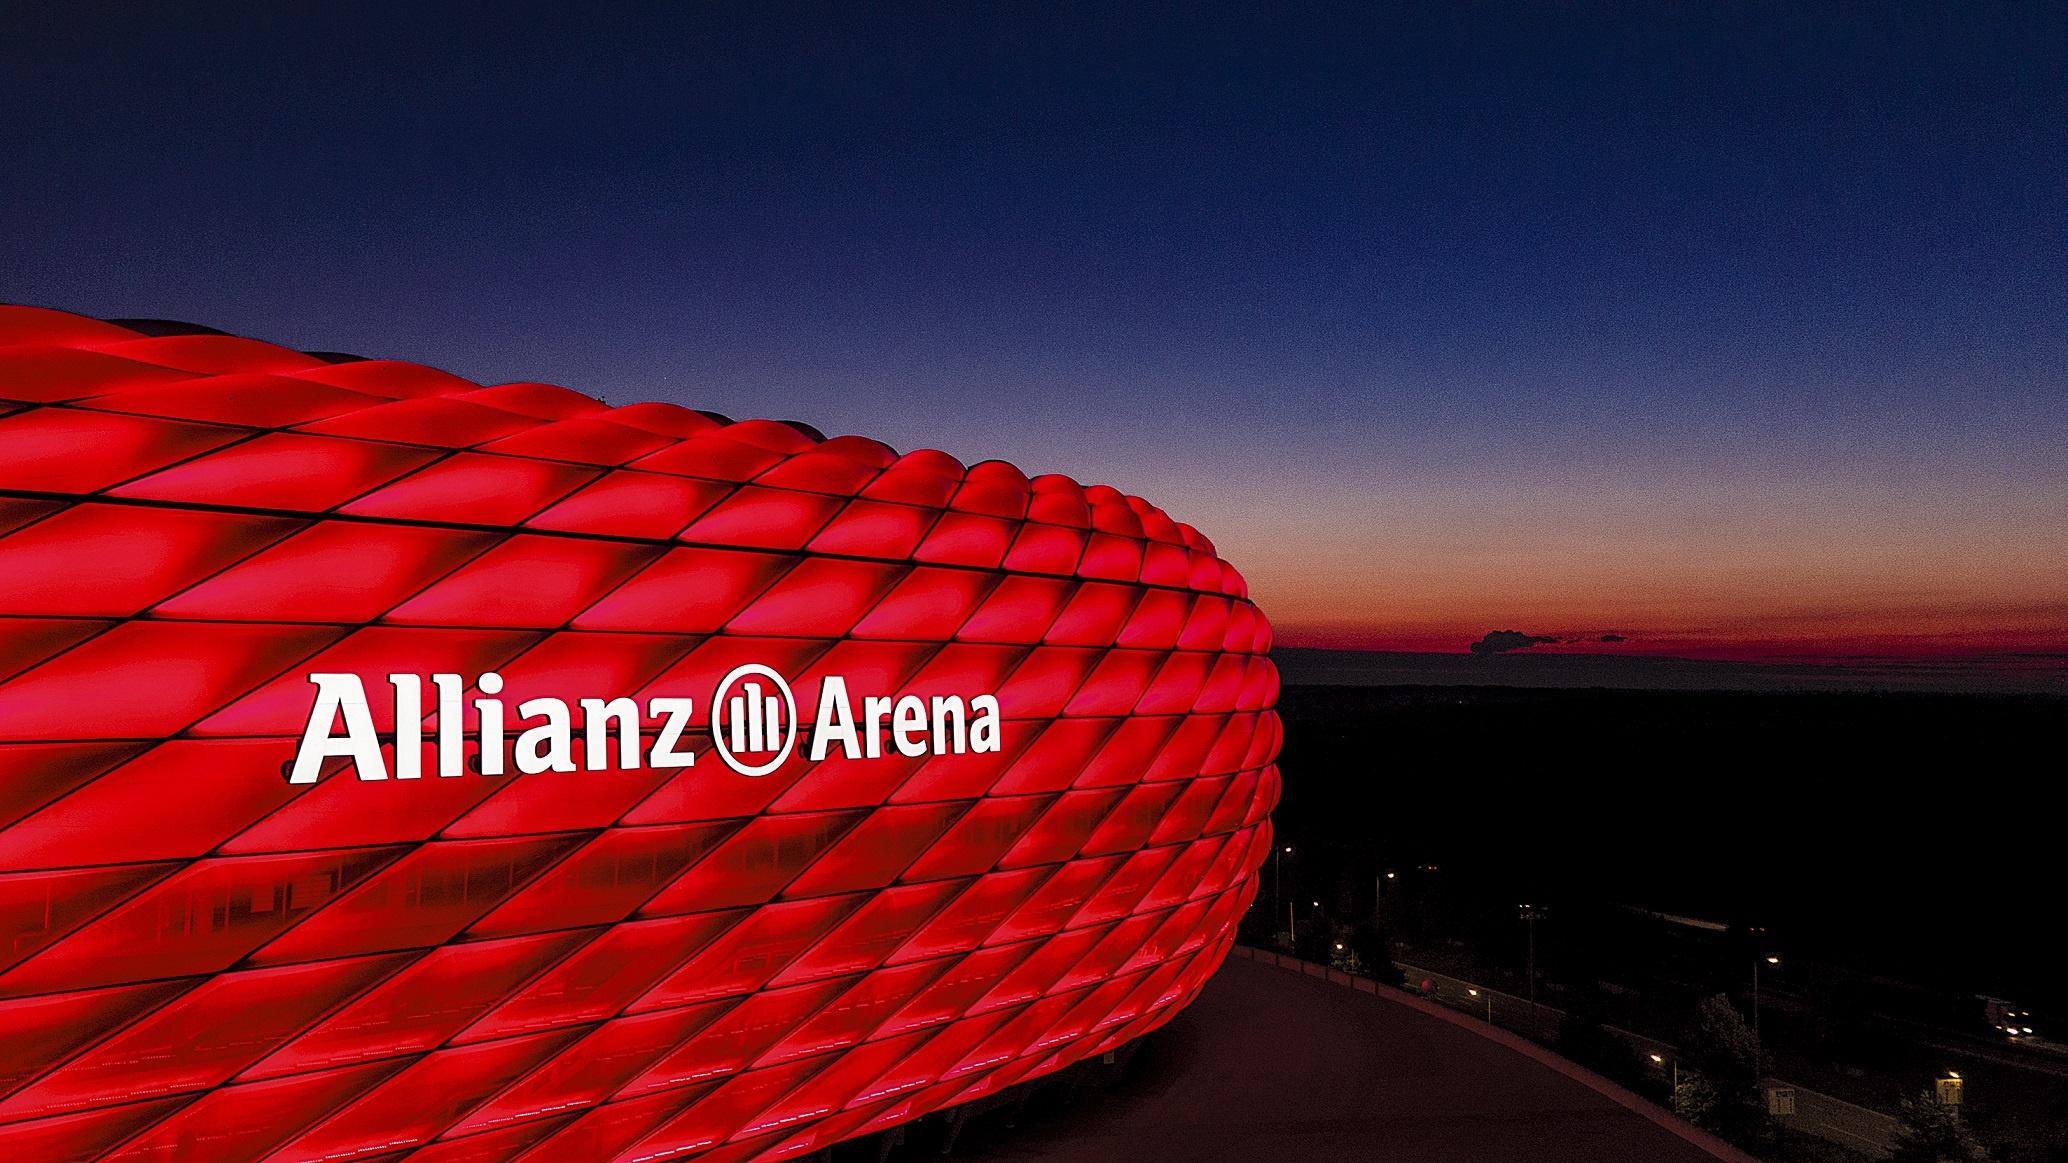 Allianz Arena Football Stadium featured image